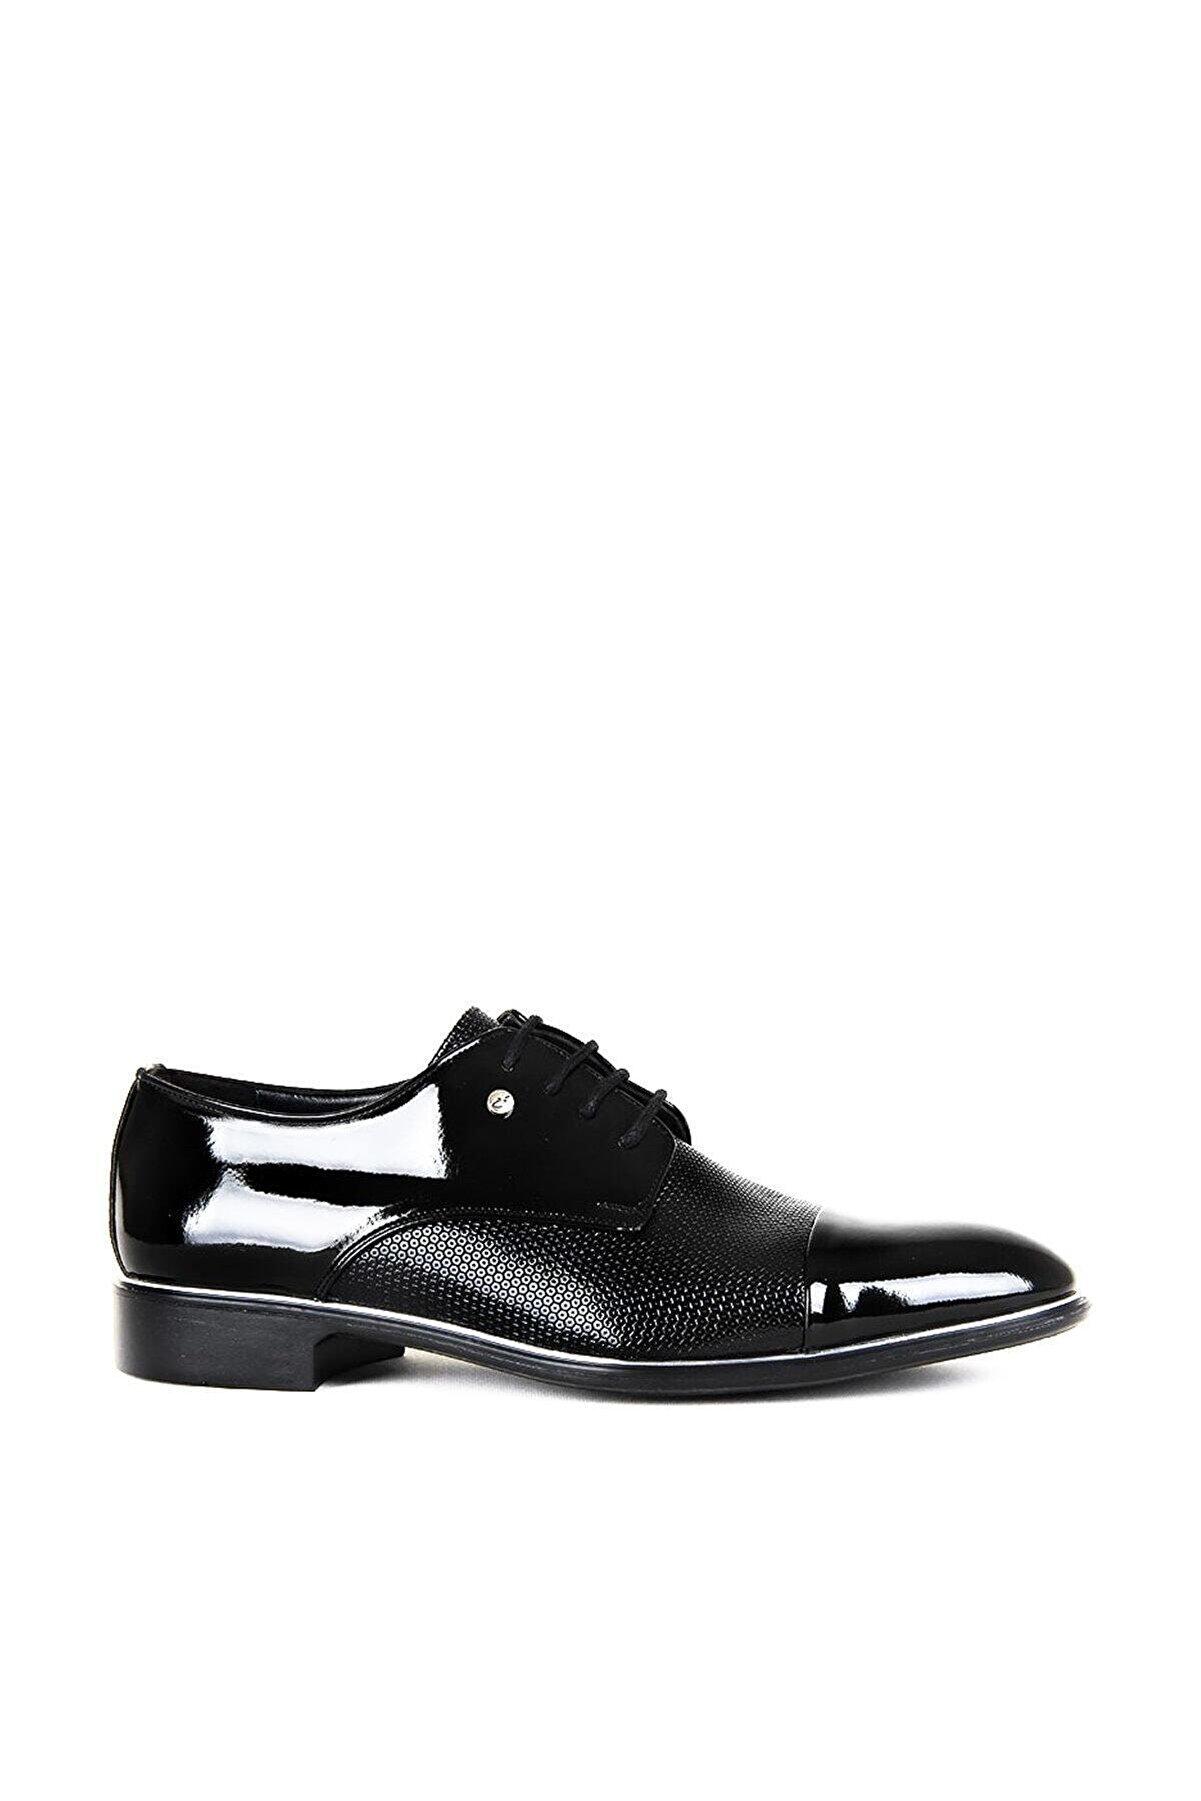 maximoda Siyah Erkek Klasik Ayakkabı PRA-408022-566116